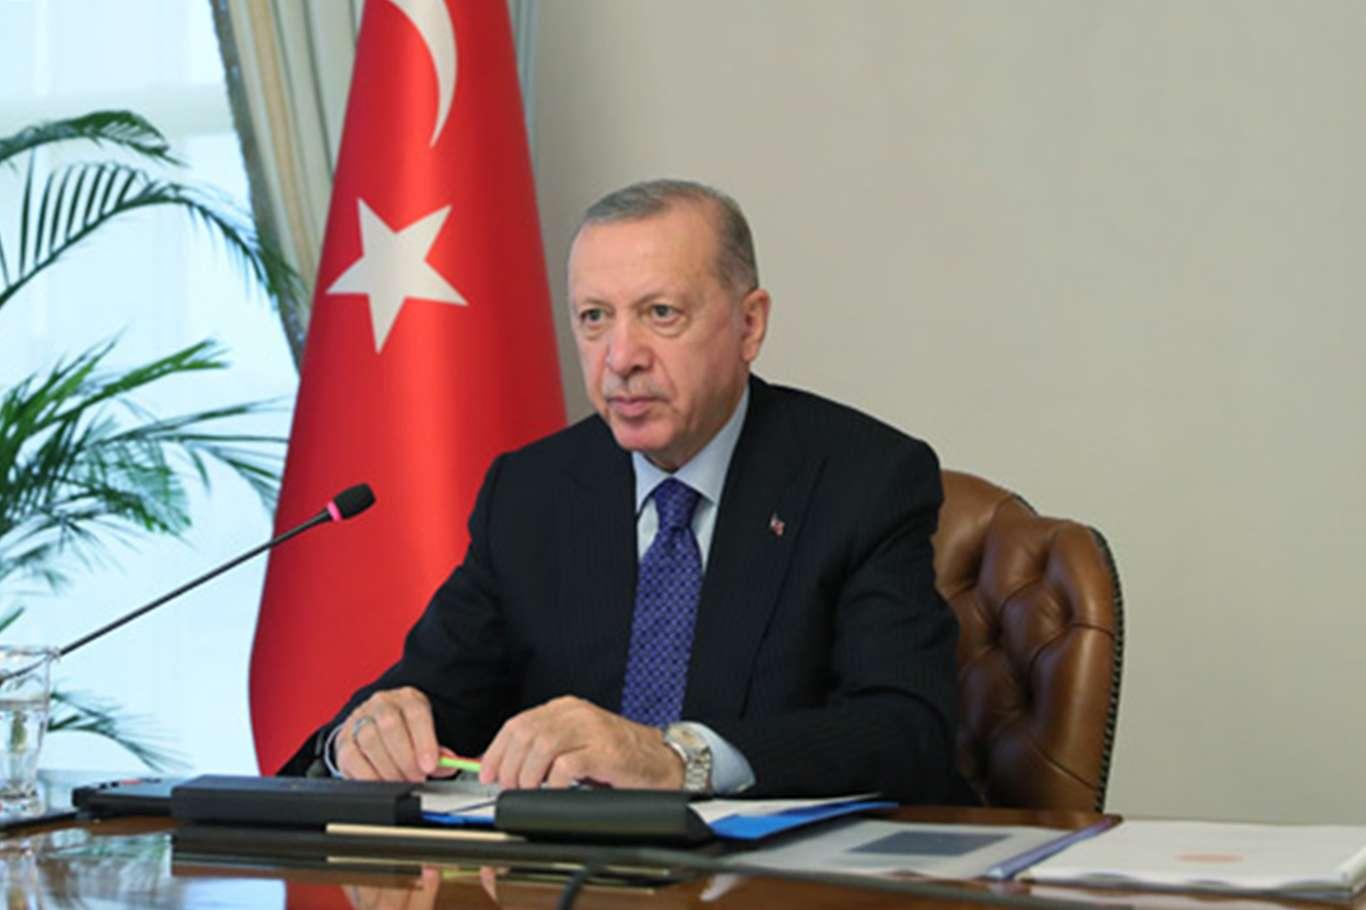 Cumhurbaşkanı Erdoğan: Afganistan kaynaklı yeni bir göç yükünü taşıyamayız